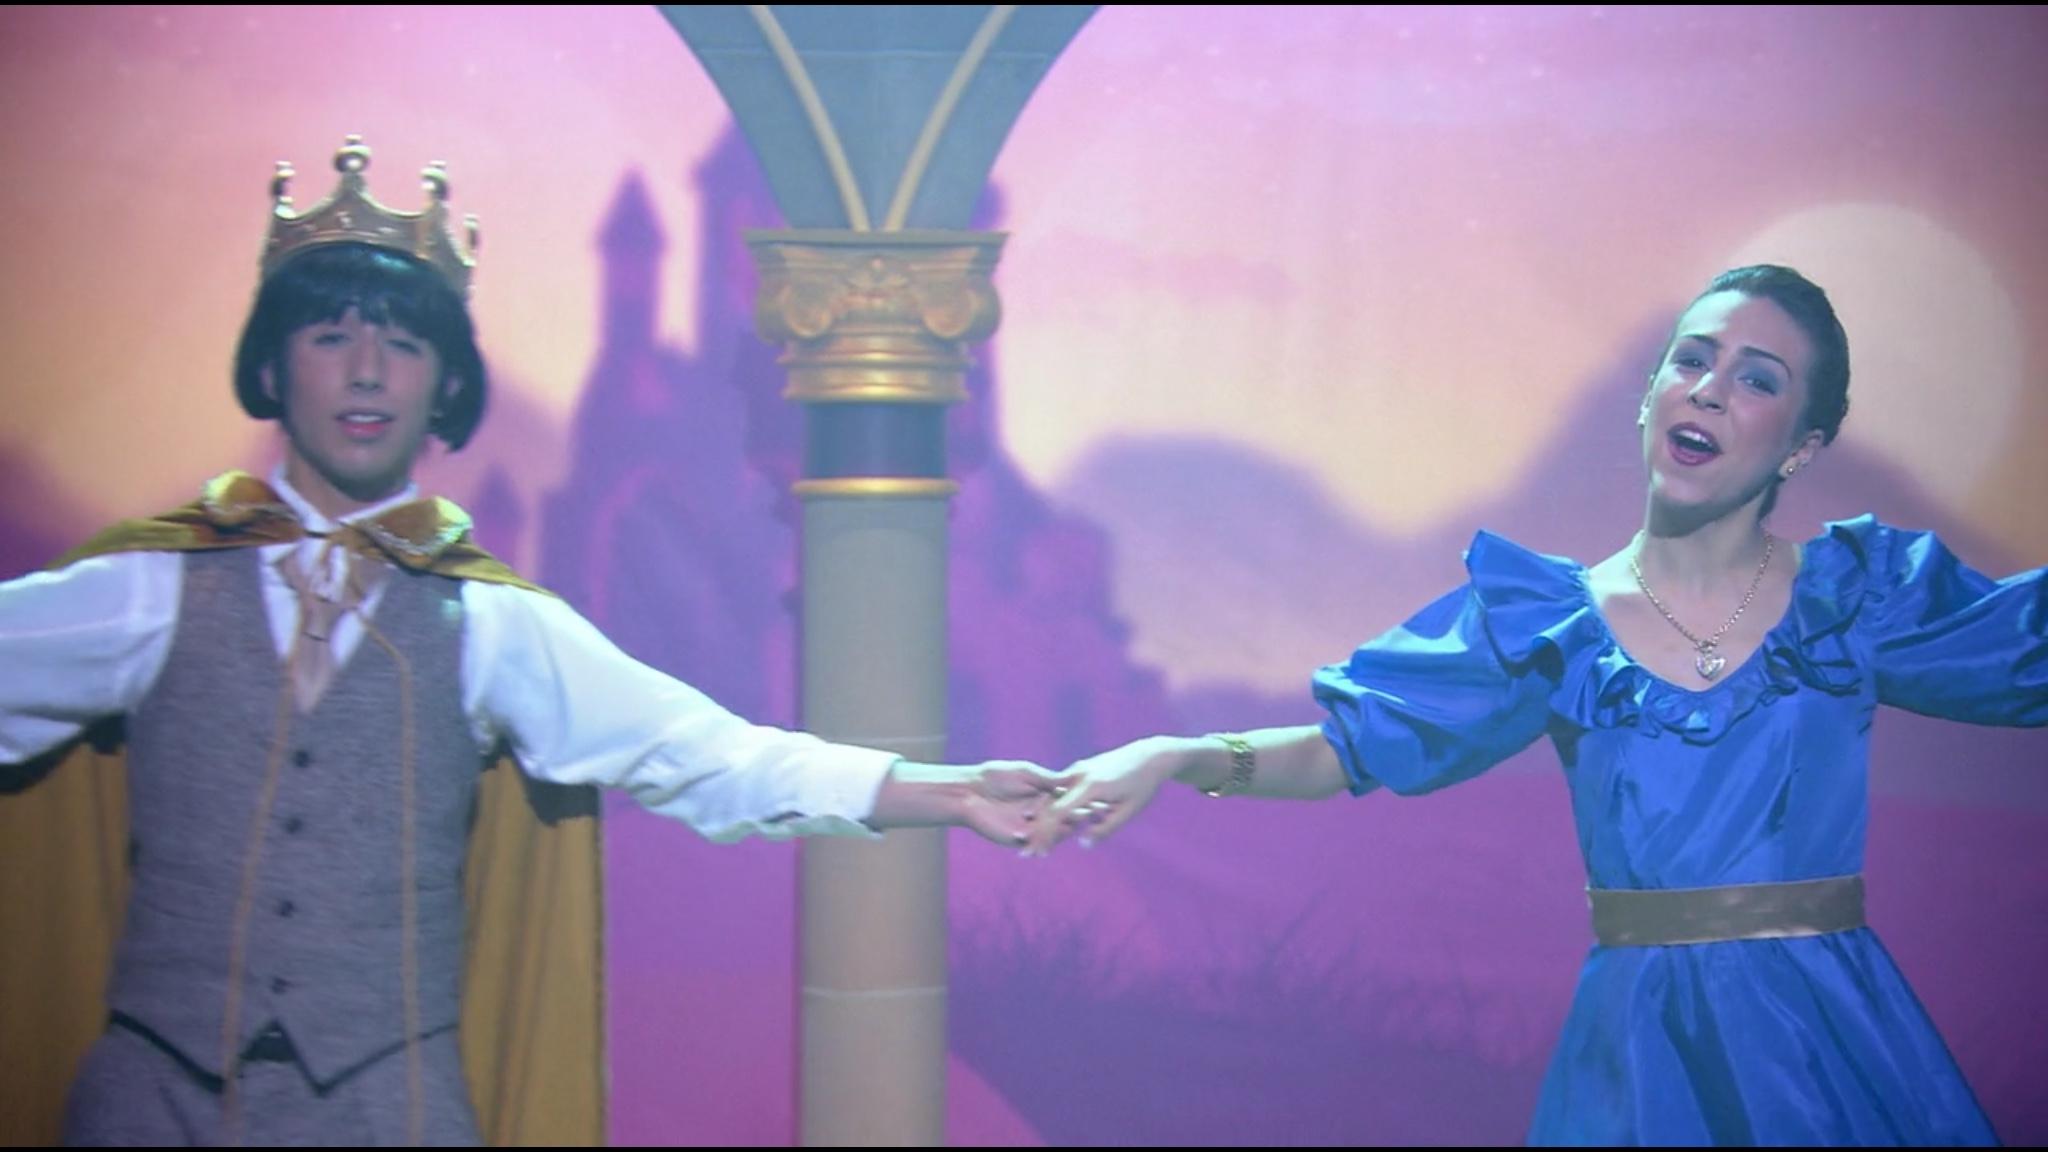 Cinderella's Song